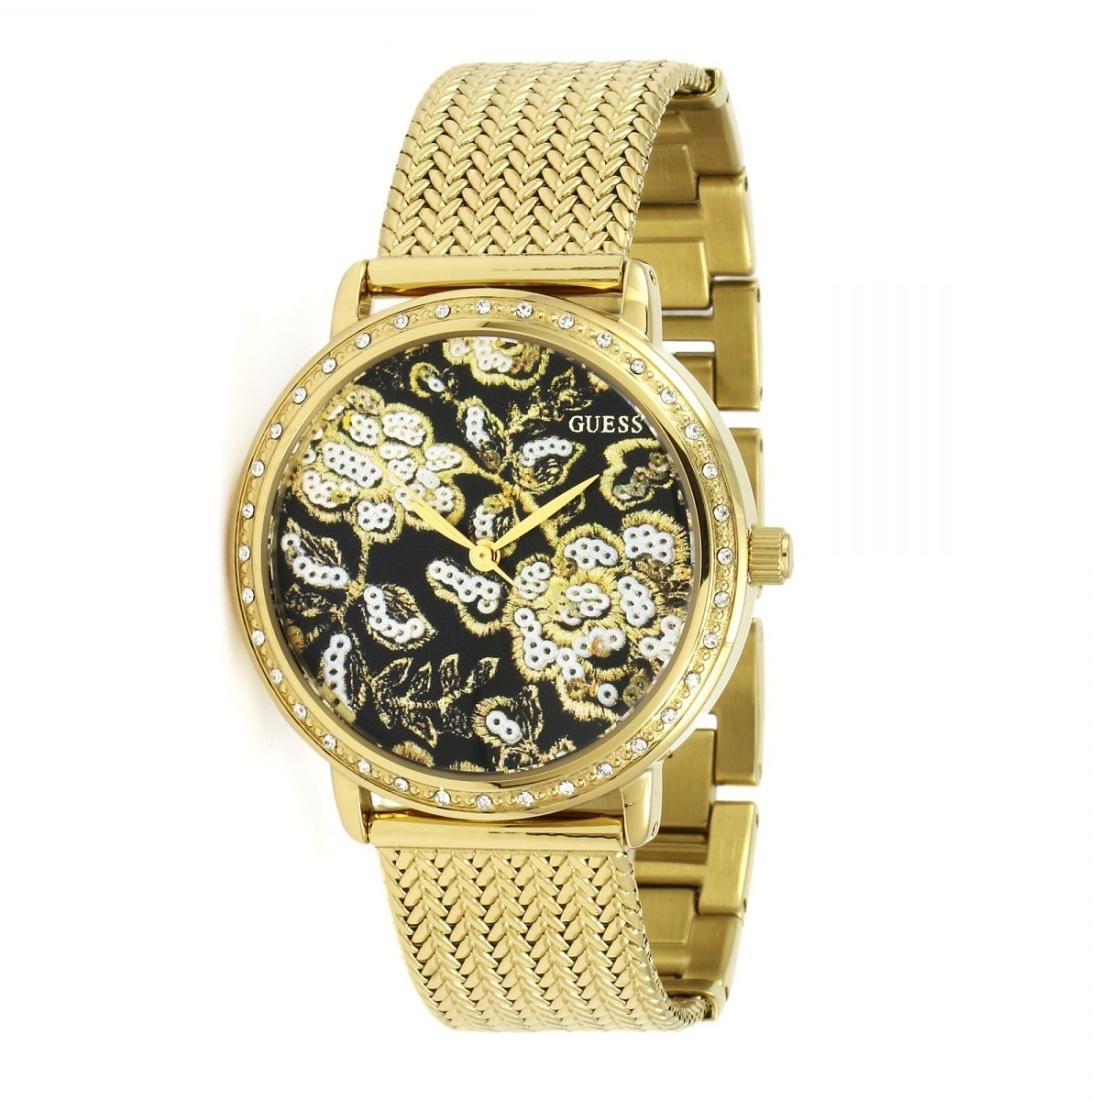 Guess dámské zlaté hodinky - Mode.cz b52e0a0c3e2